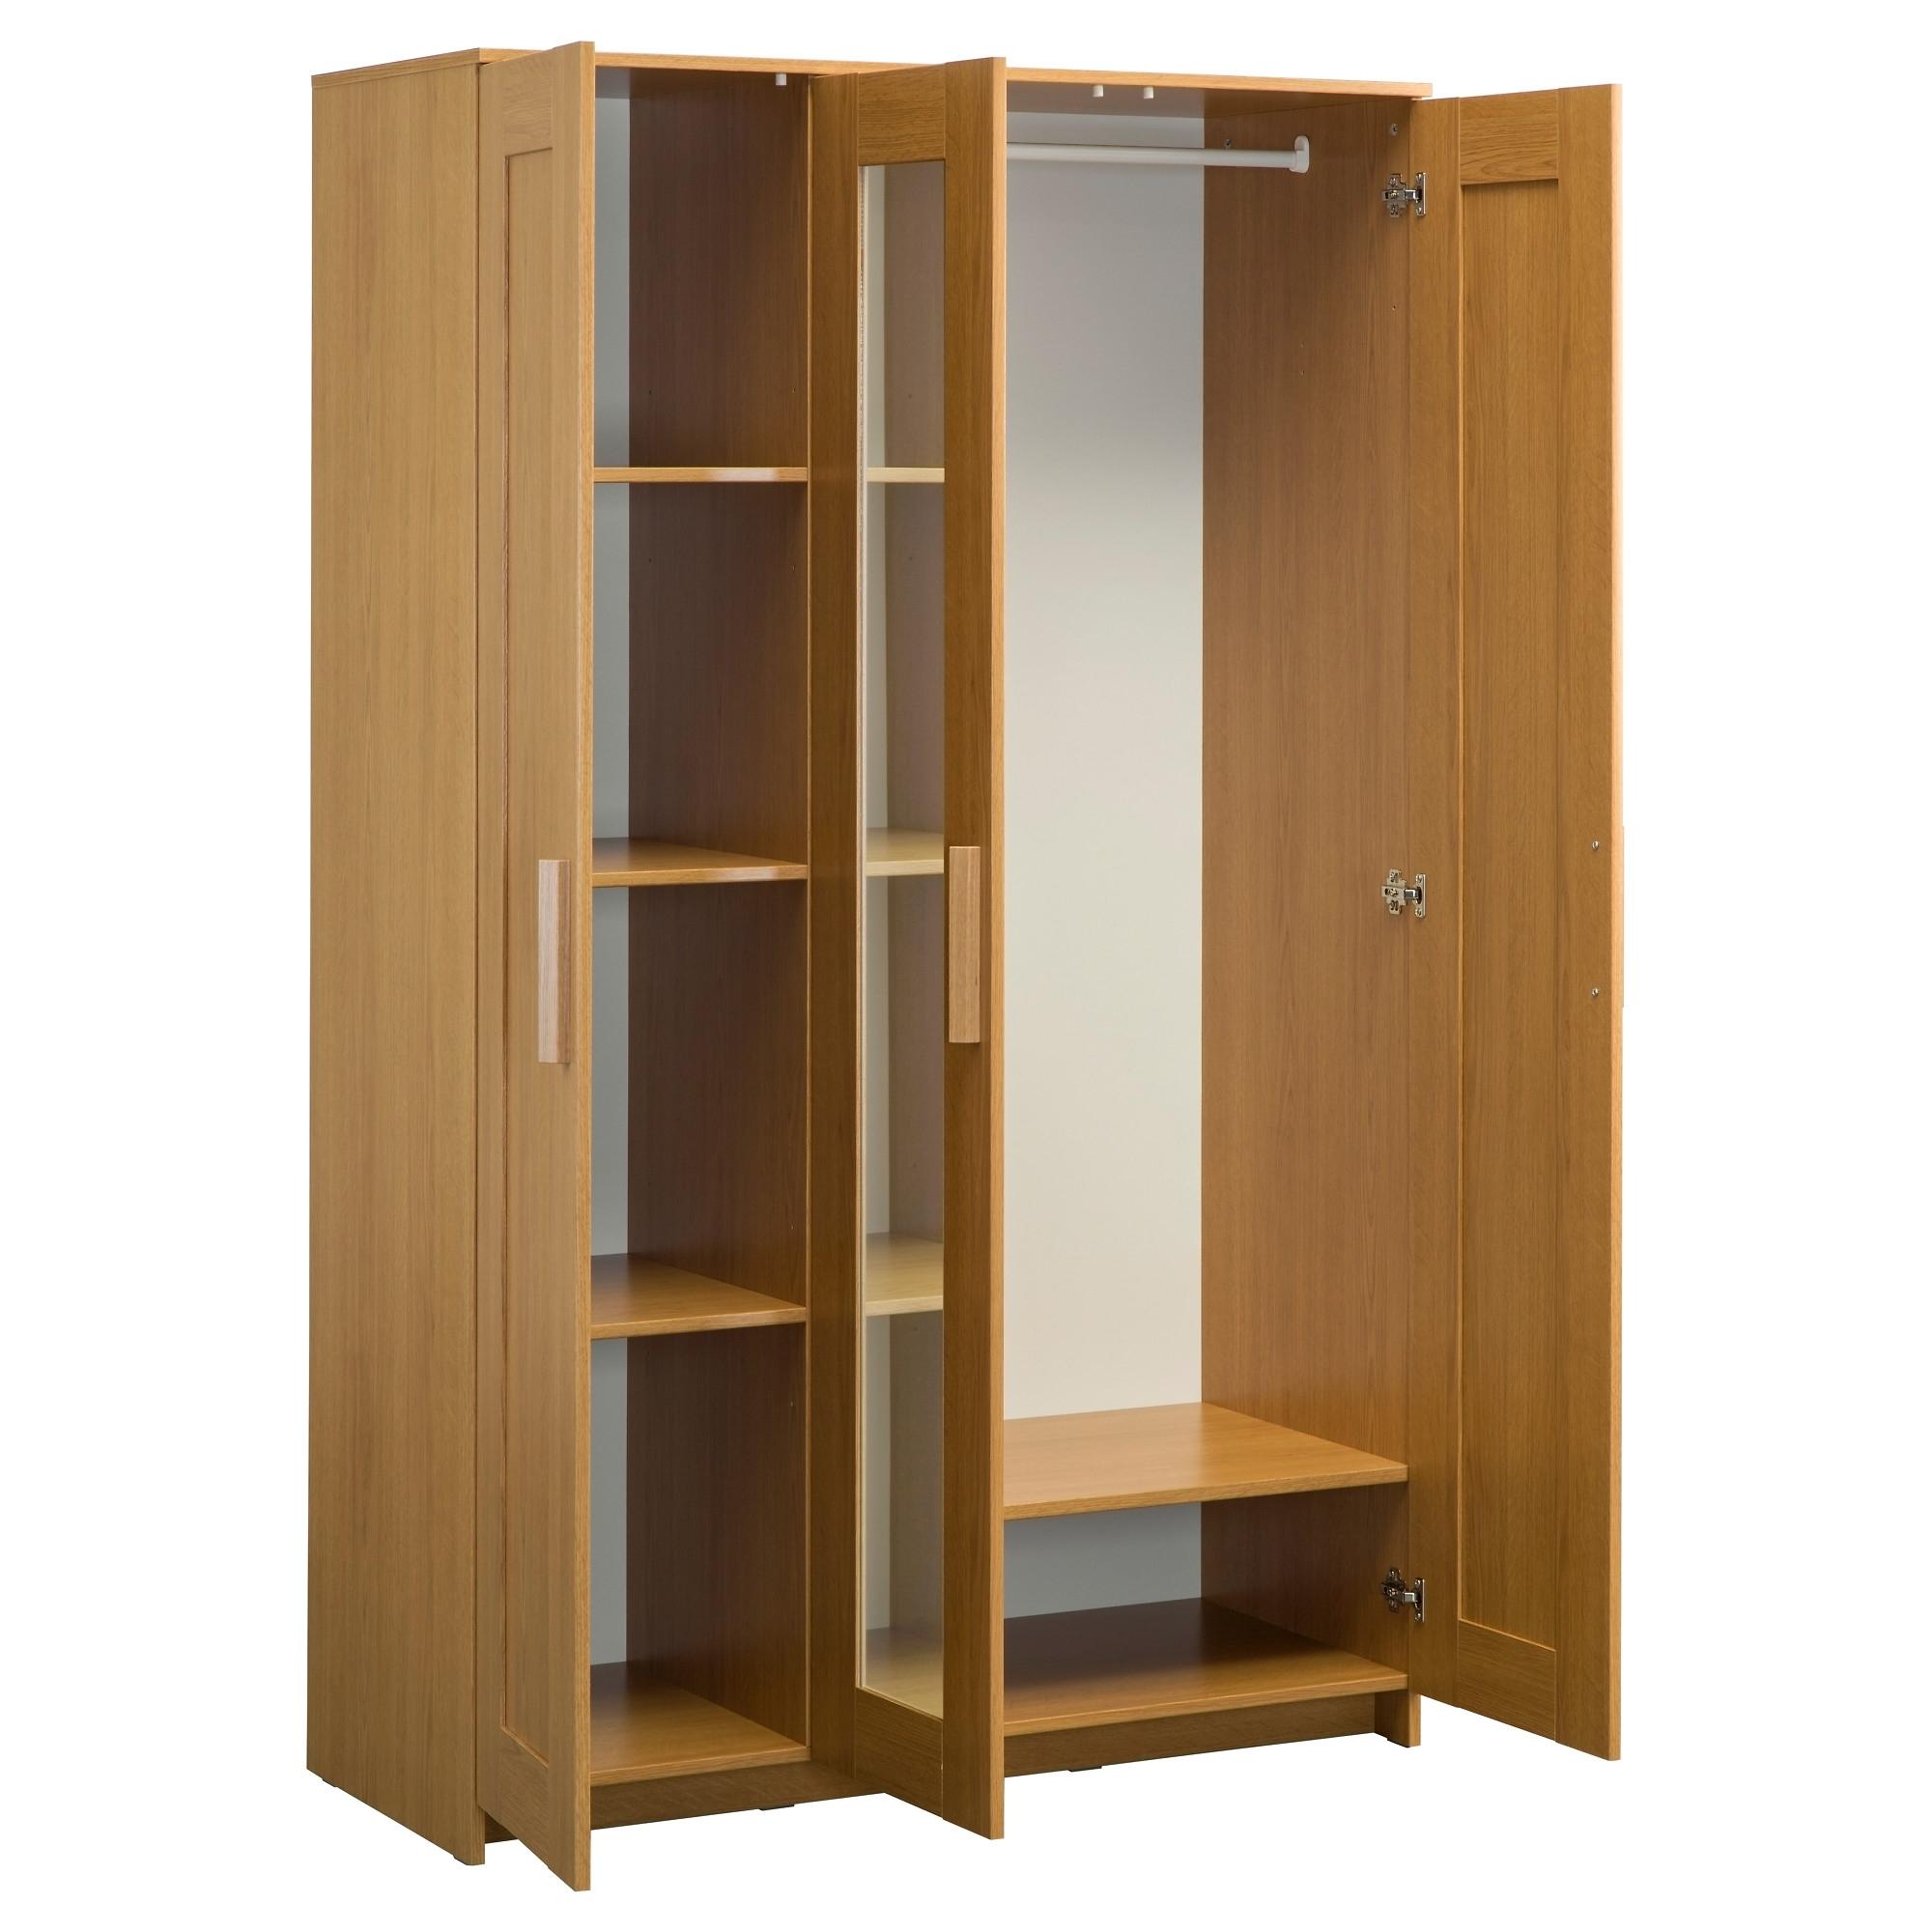 Fashionable 3 Door Pine Wardrobes For Brimnes Wardrobe With 3 Doors Oak Effect 117x190 Cm – Ikea (View 15 of 15)